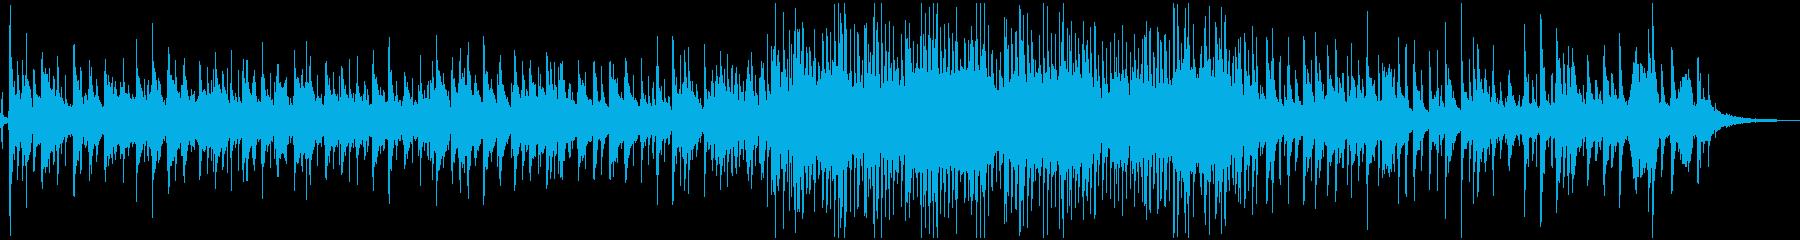 童謡『七つの子』のジャズ・アレンジの再生済みの波形